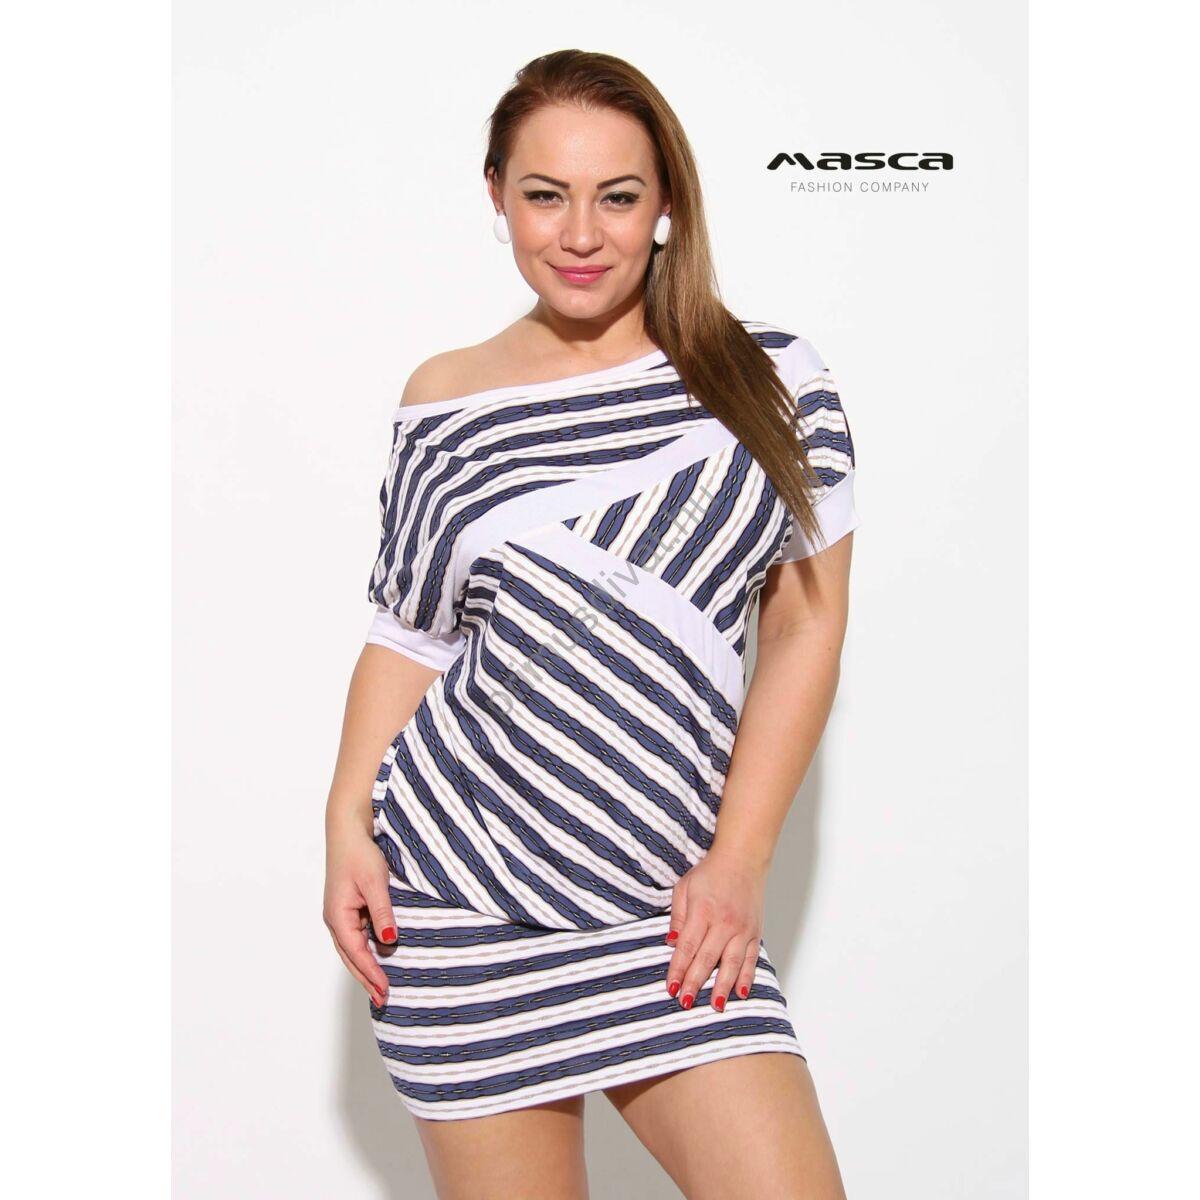 e58414af67 Kép 1/1 - Masca Fashion csónaknyakú, rövid denevérujjú, átlós kék-fehér  hullámos csíkos lezser tunika, miniruha